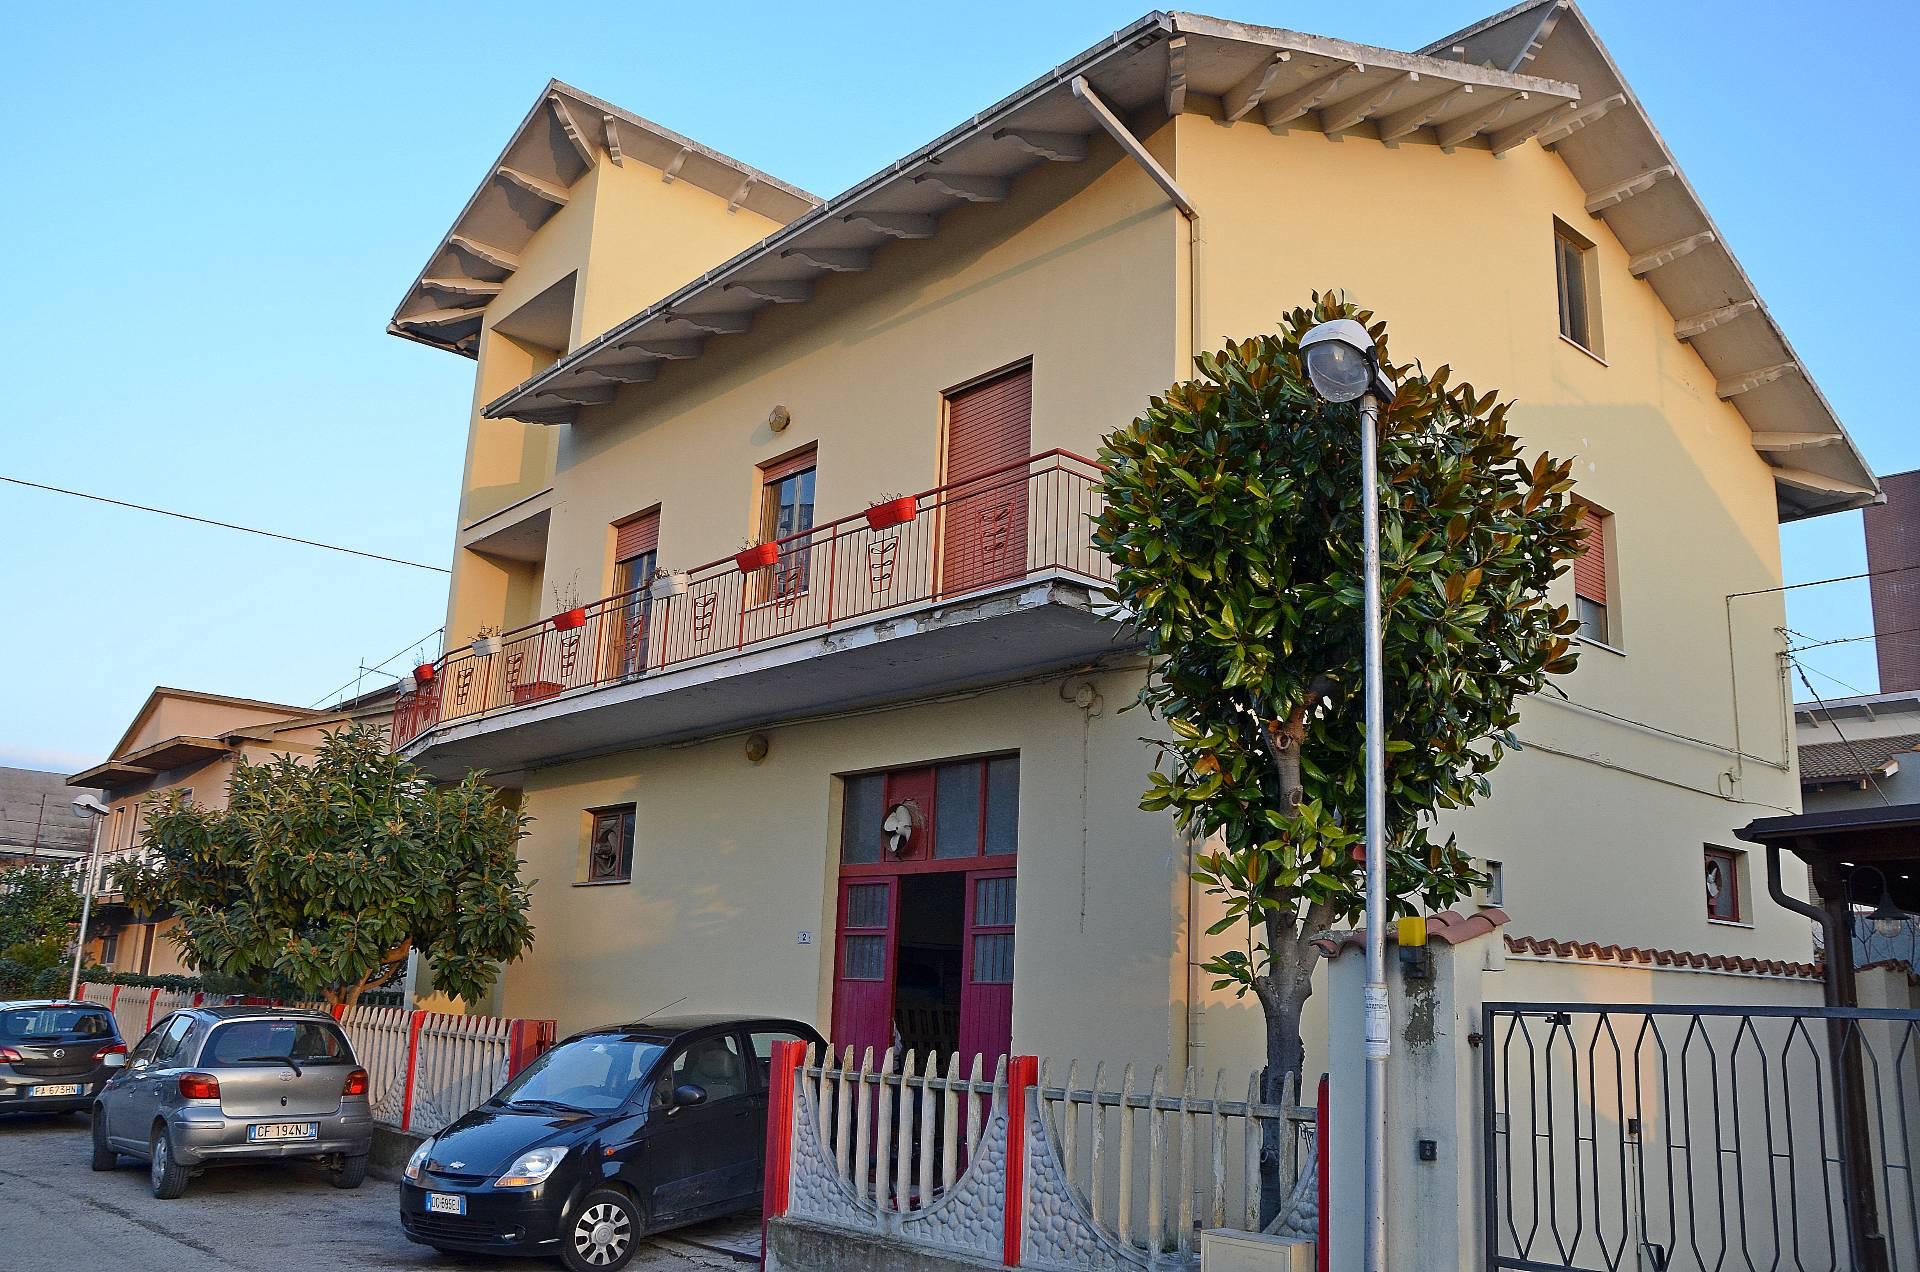 Soluzione Indipendente in vendita a Montesilvano, 8 locali, zona Località: centro, prezzo € 260.000 | Cambio Casa.it